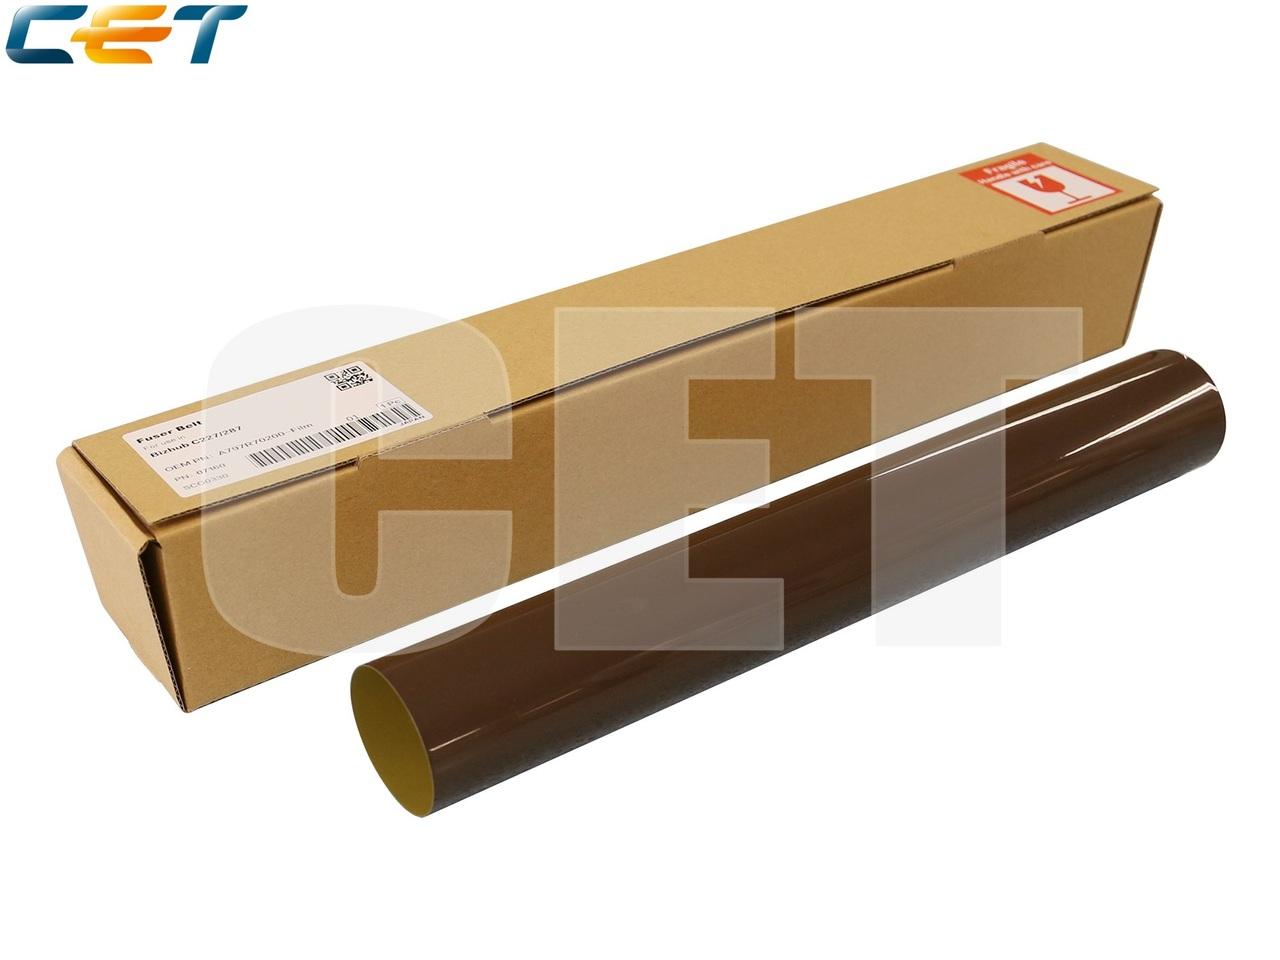 Термопленка для KONICA MINOLTA Bizhub C227/287 (CET),CET7160